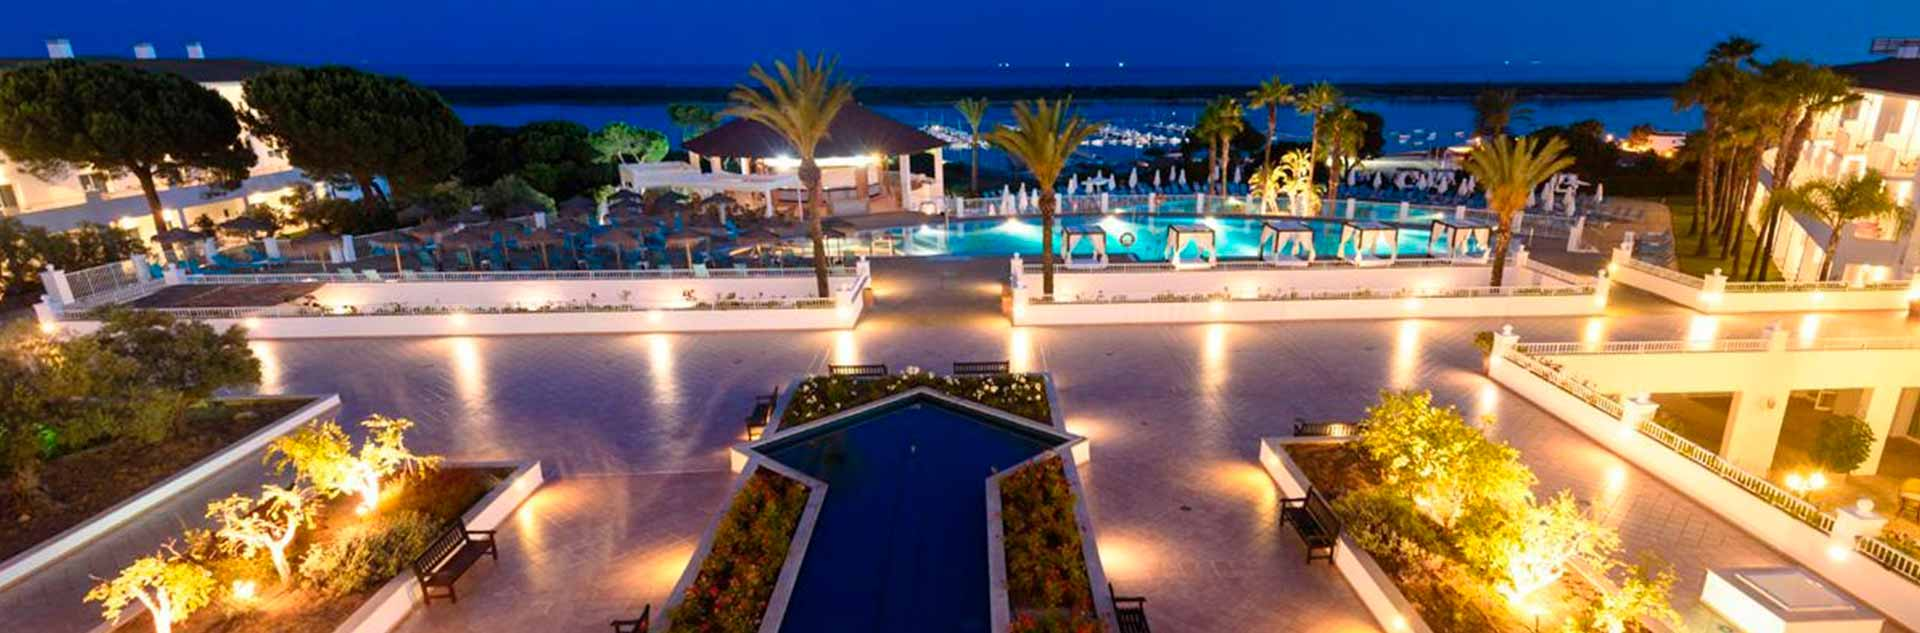 Vistas nocturnas desde el hotel Sentido Playa natural